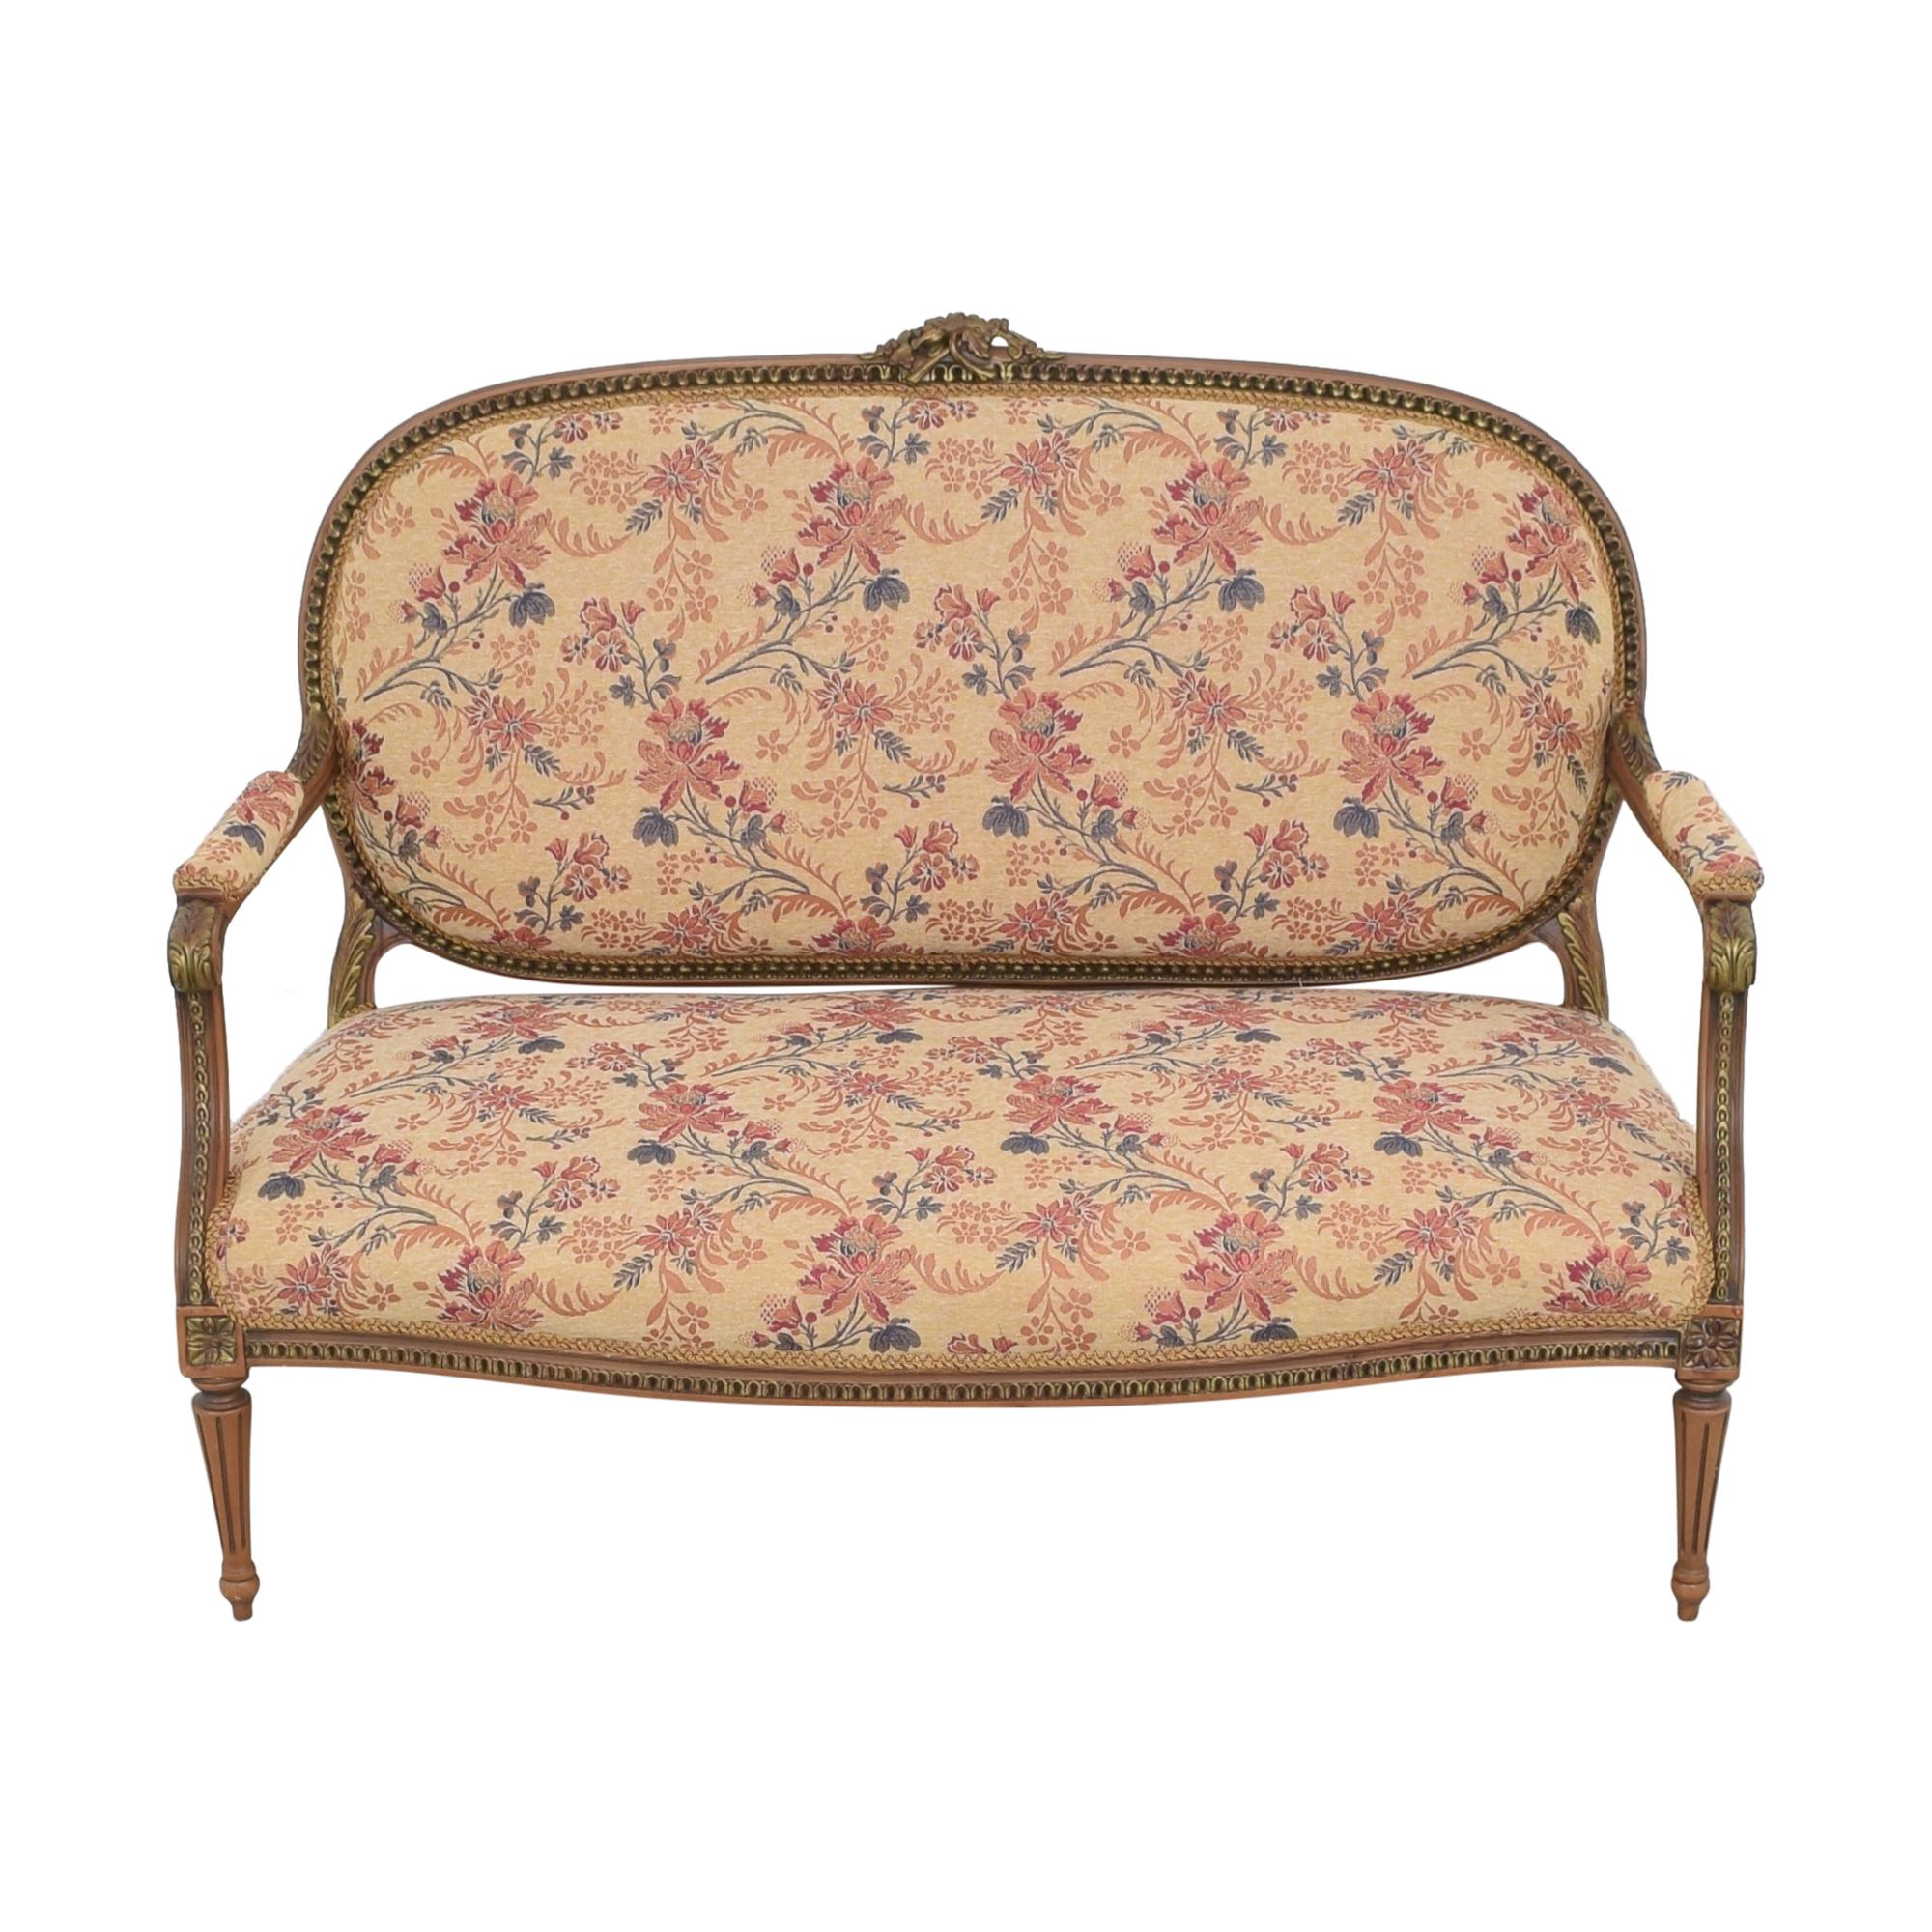 buy Vintage Floral Settee Sofa